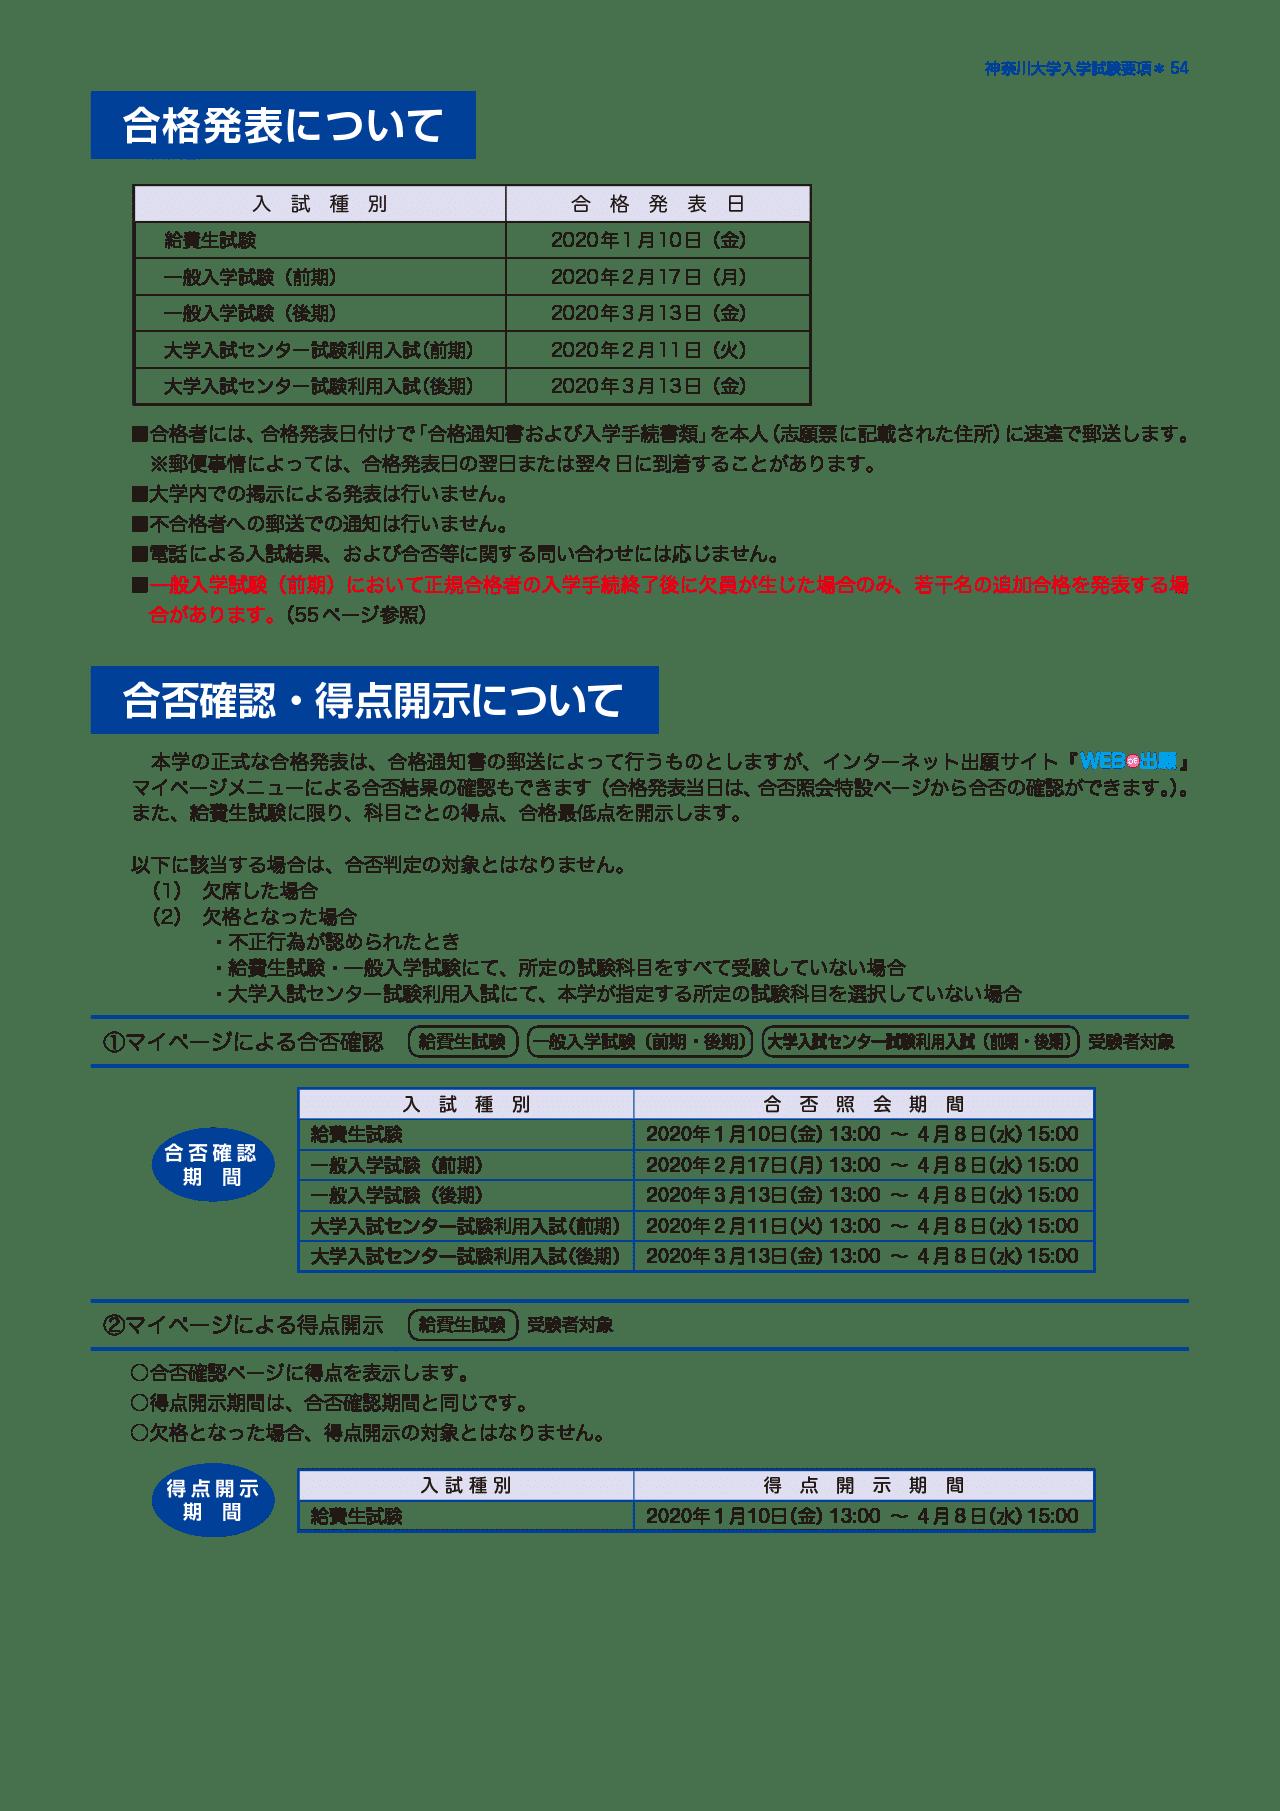 神奈川 大学 合格 発表 合格発表・成績開示|入試|東洋英和女学院大学